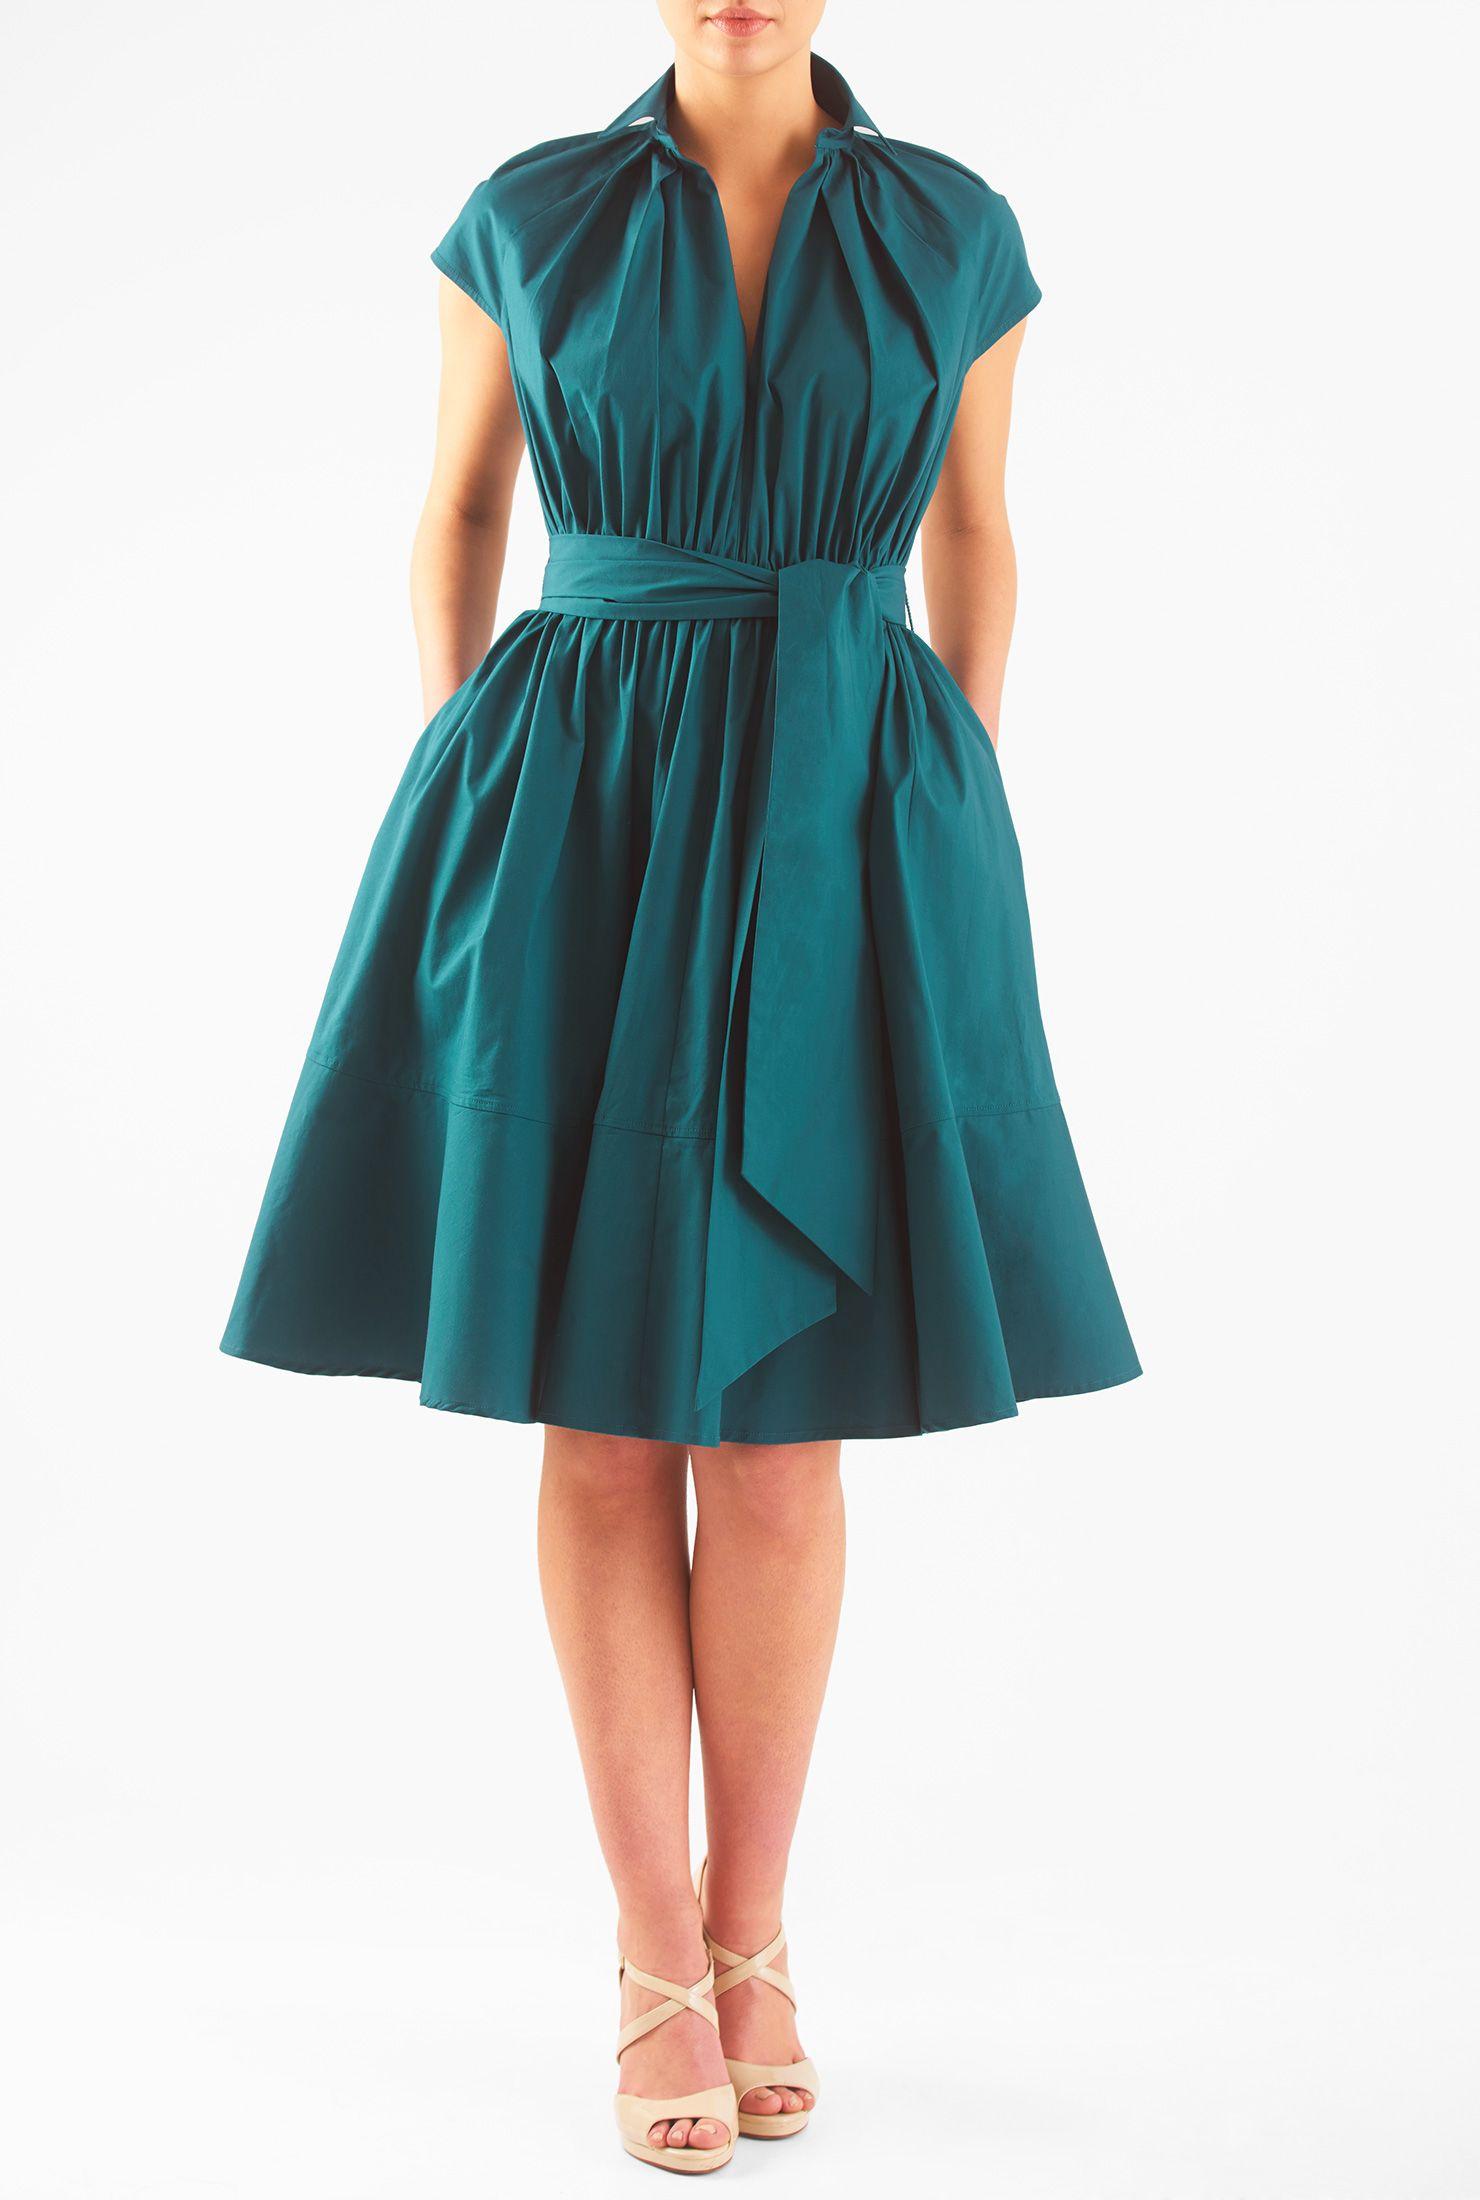 Aline dresses below kneelength dresses boatneck dresses